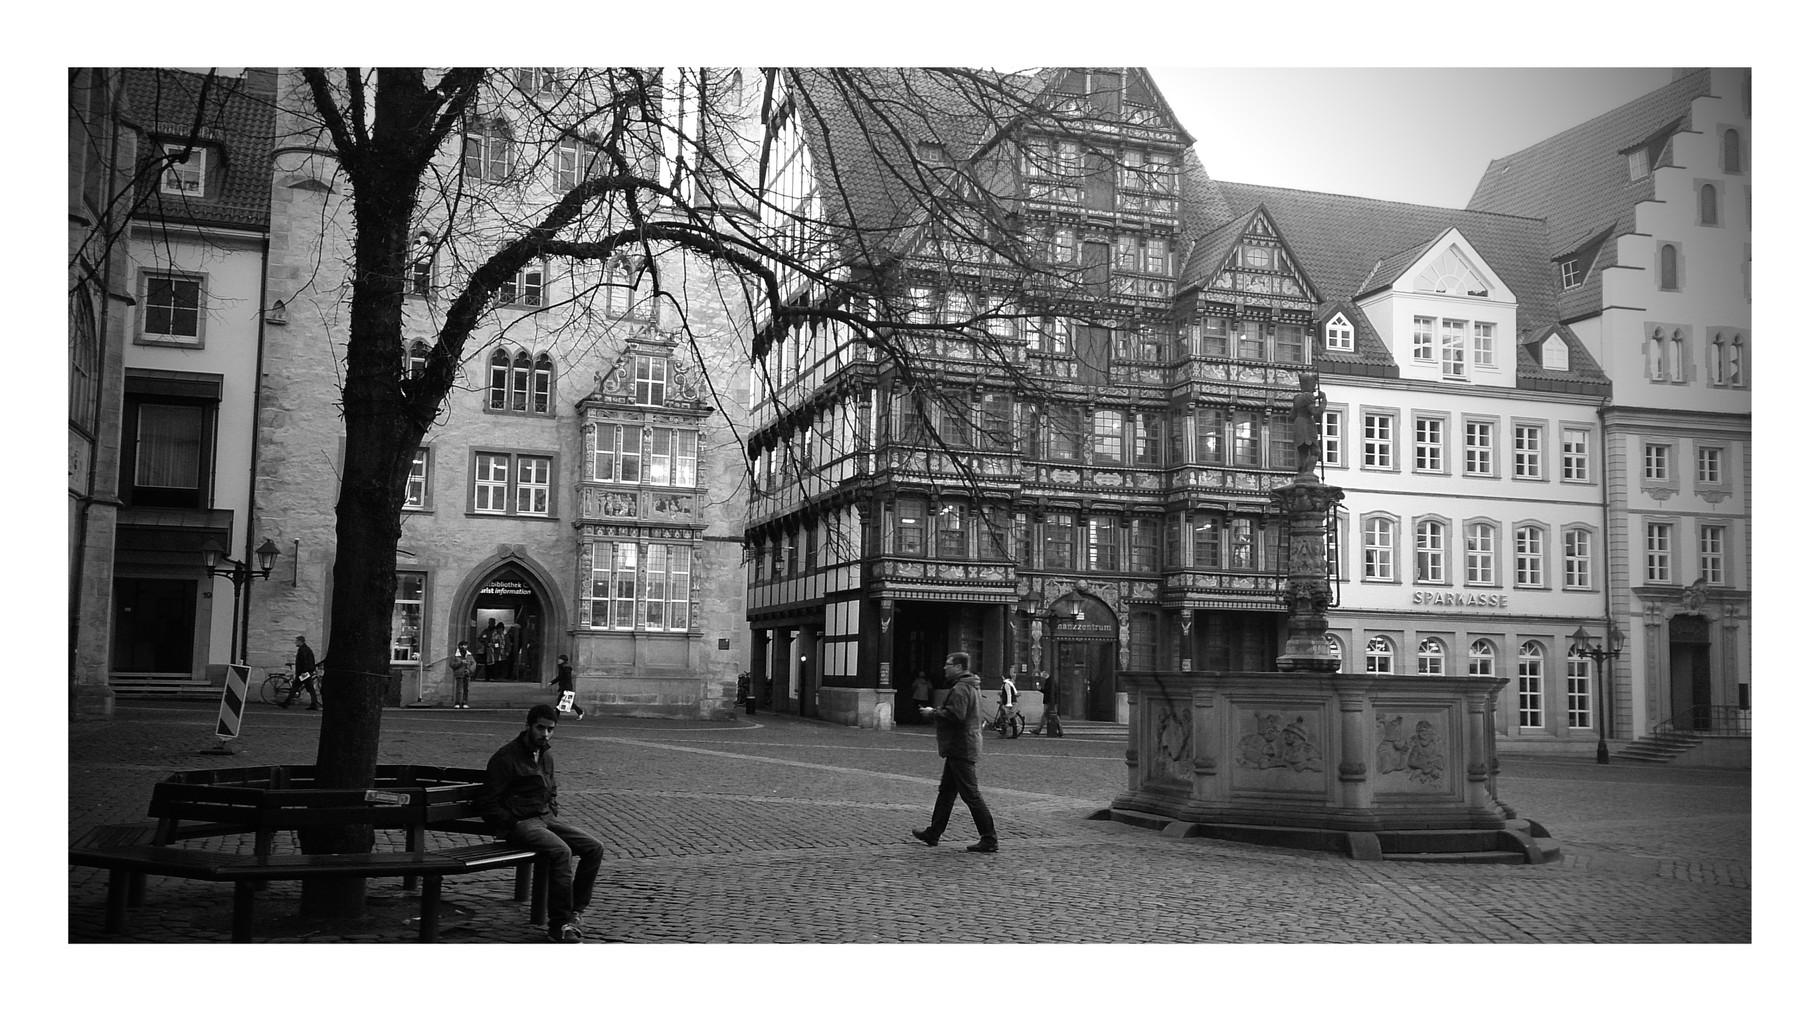 ~ Bild: Special Effects - 'Historischer Marktplatz, Hildesheim' ~